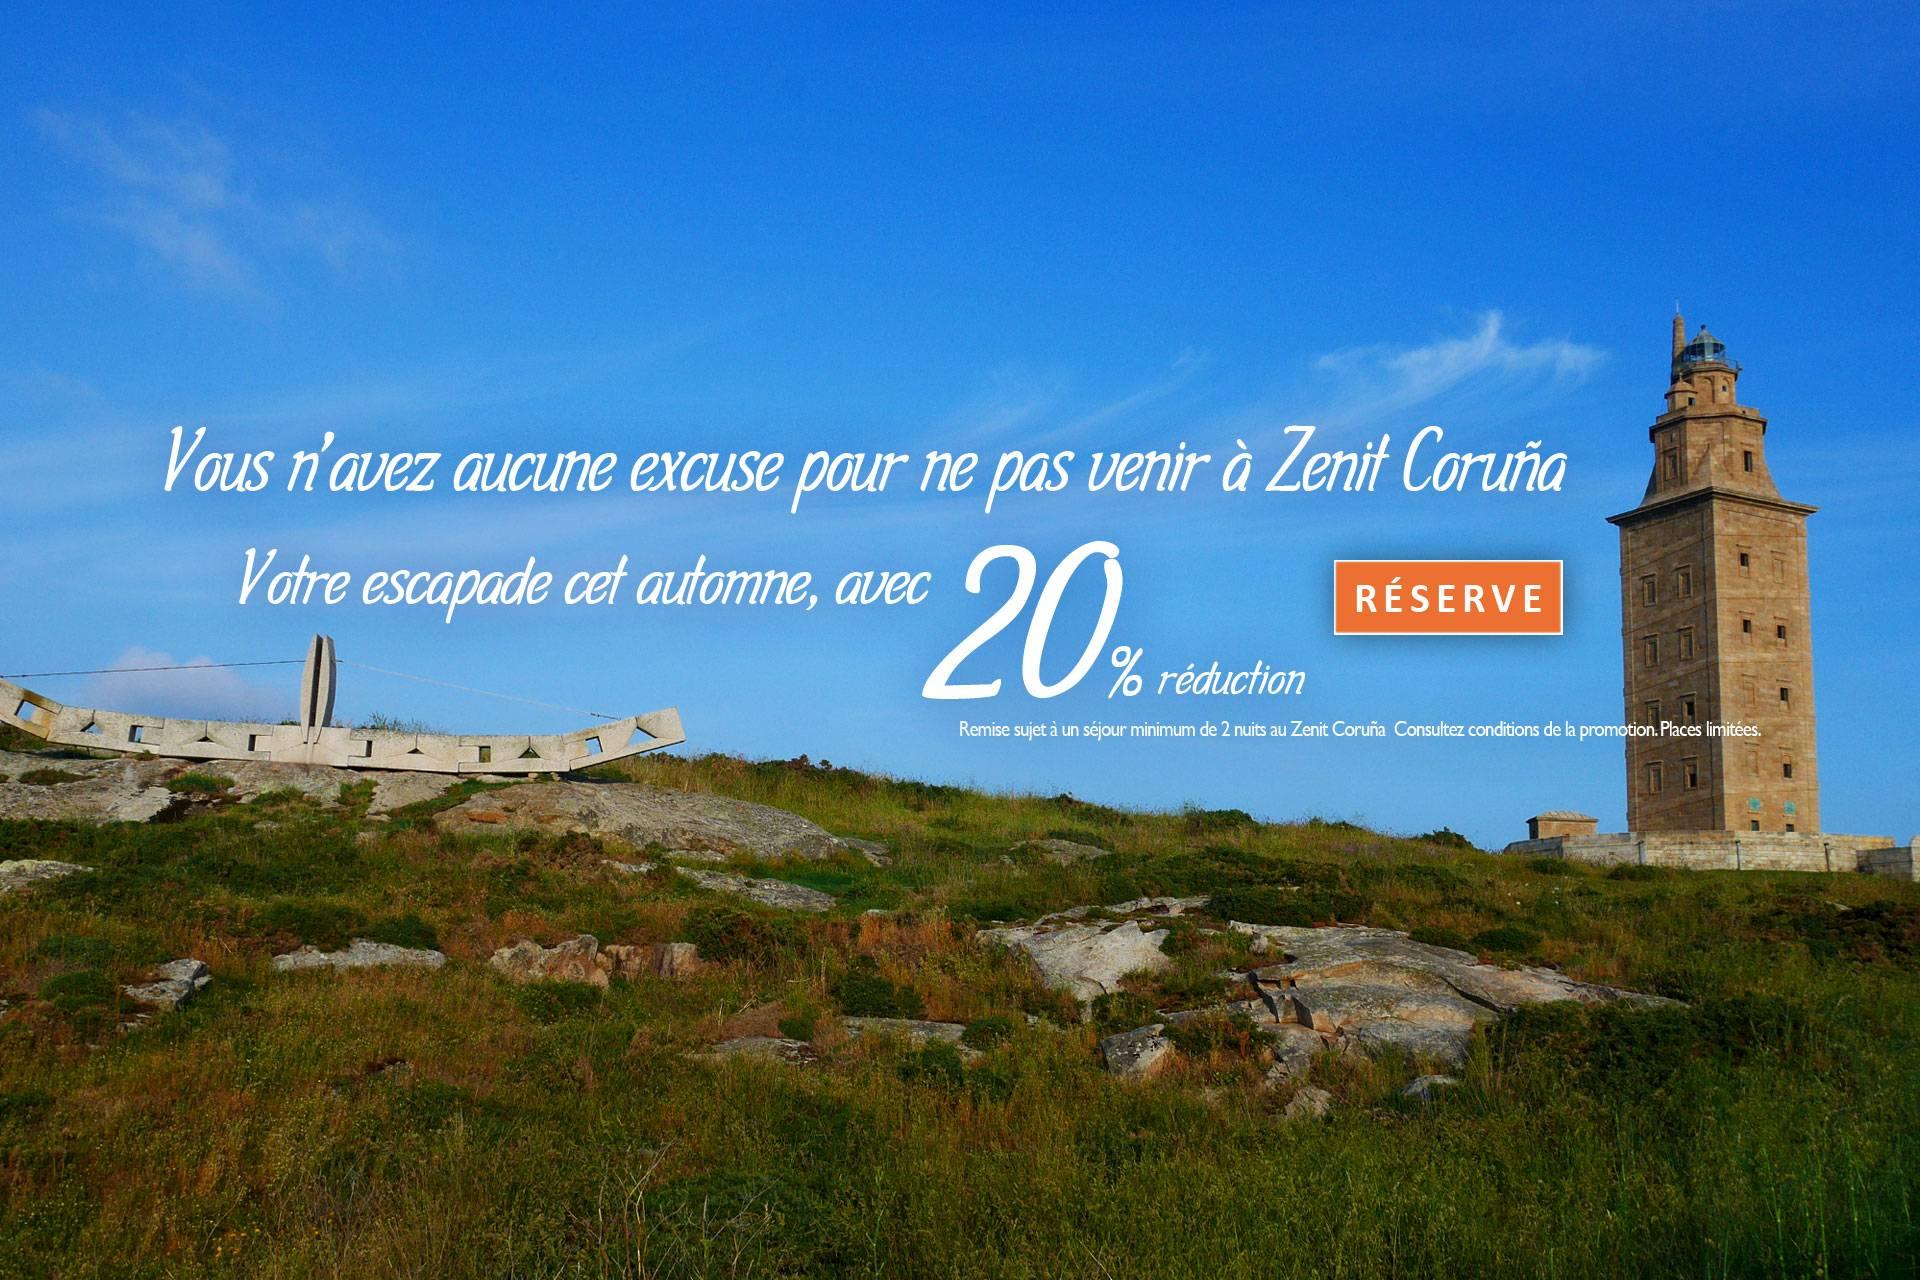 Zenit Coruña